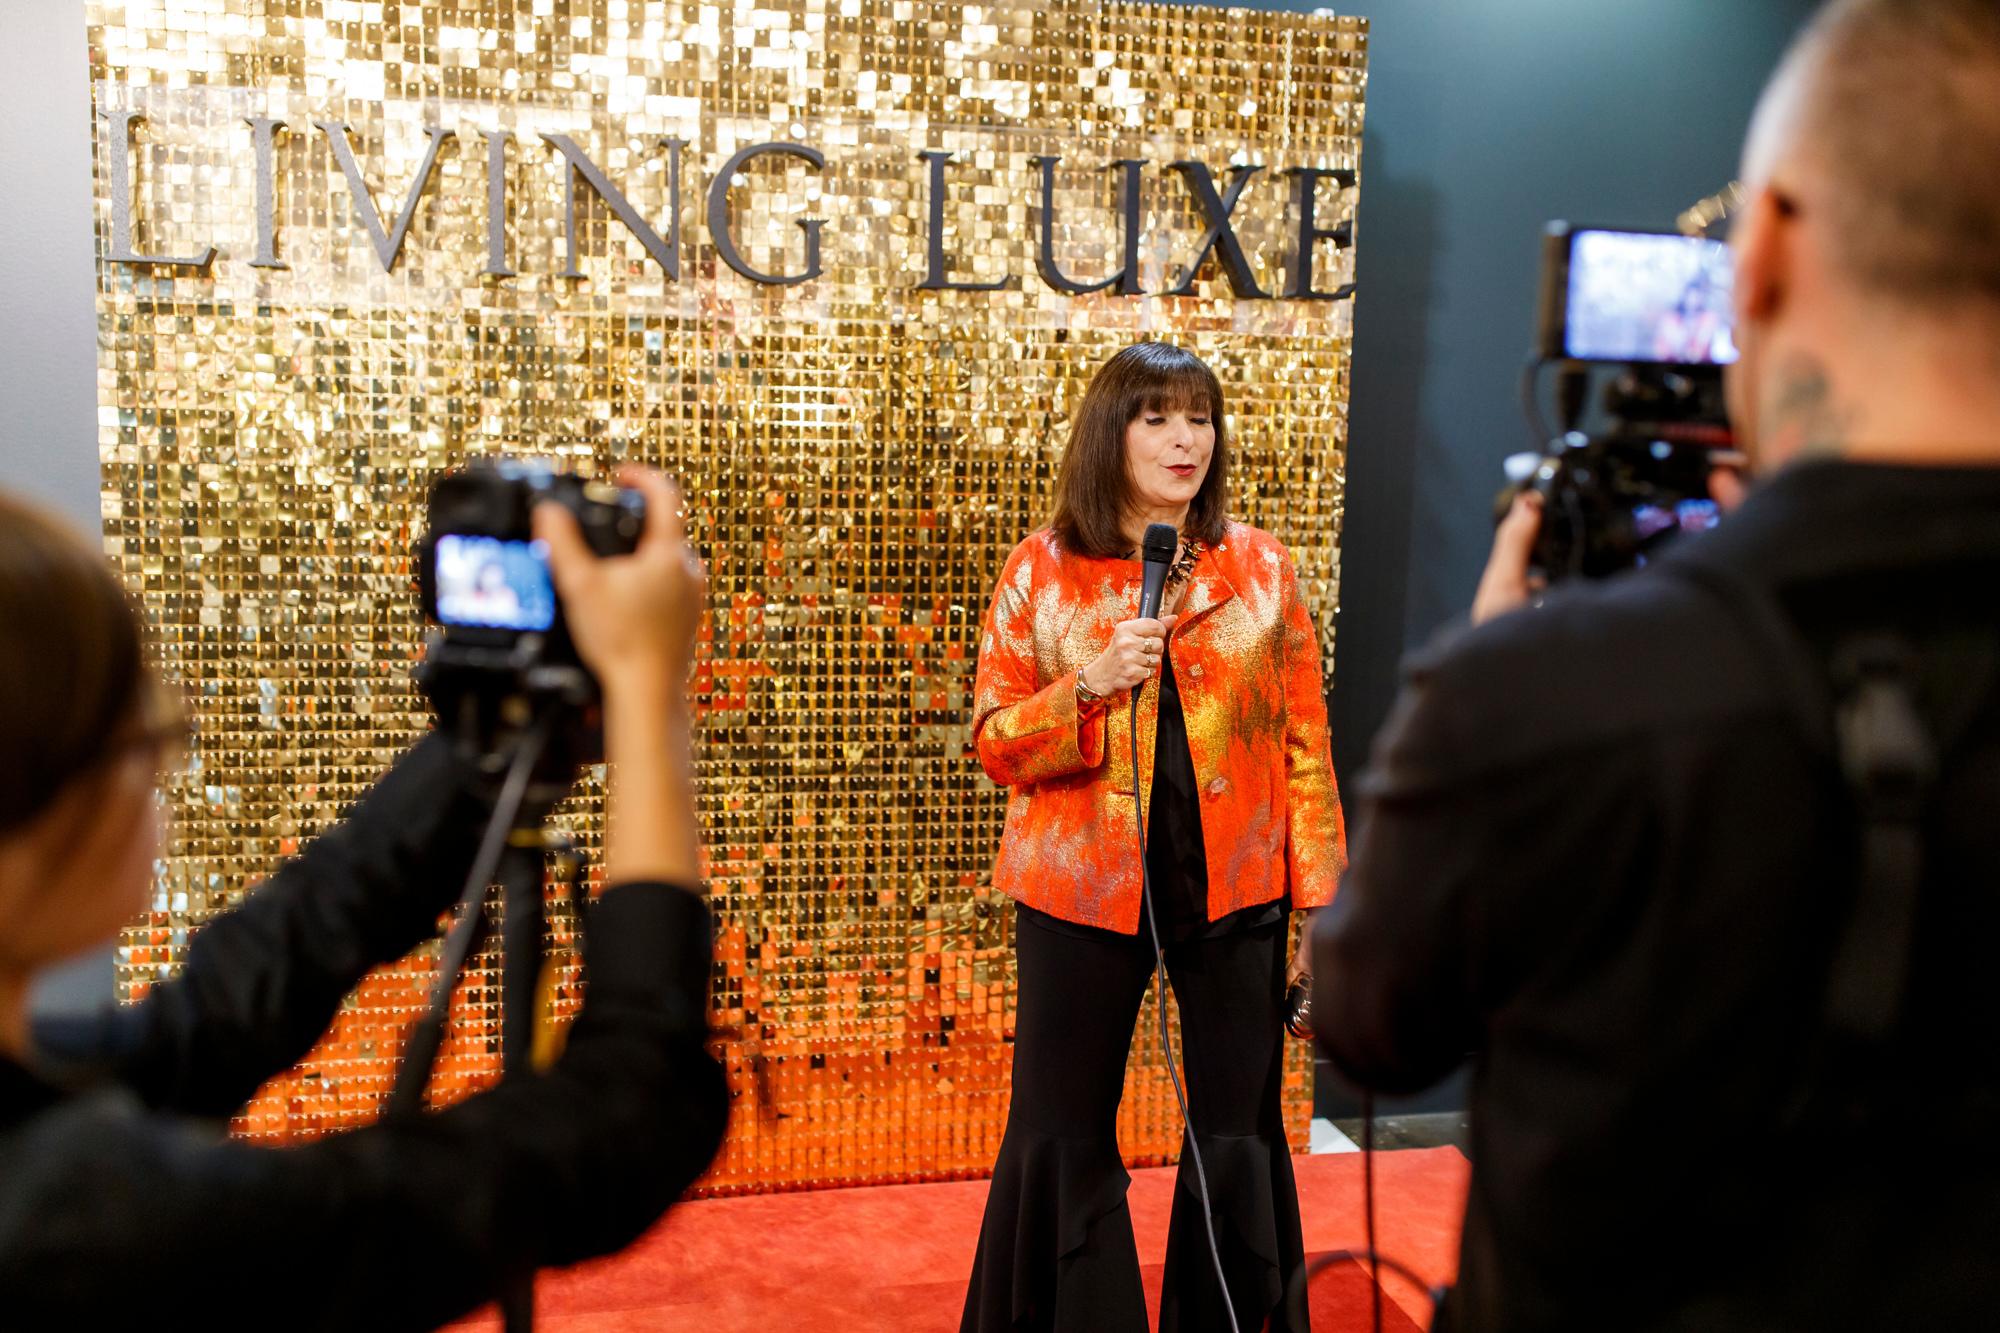 luxury magazine launch event